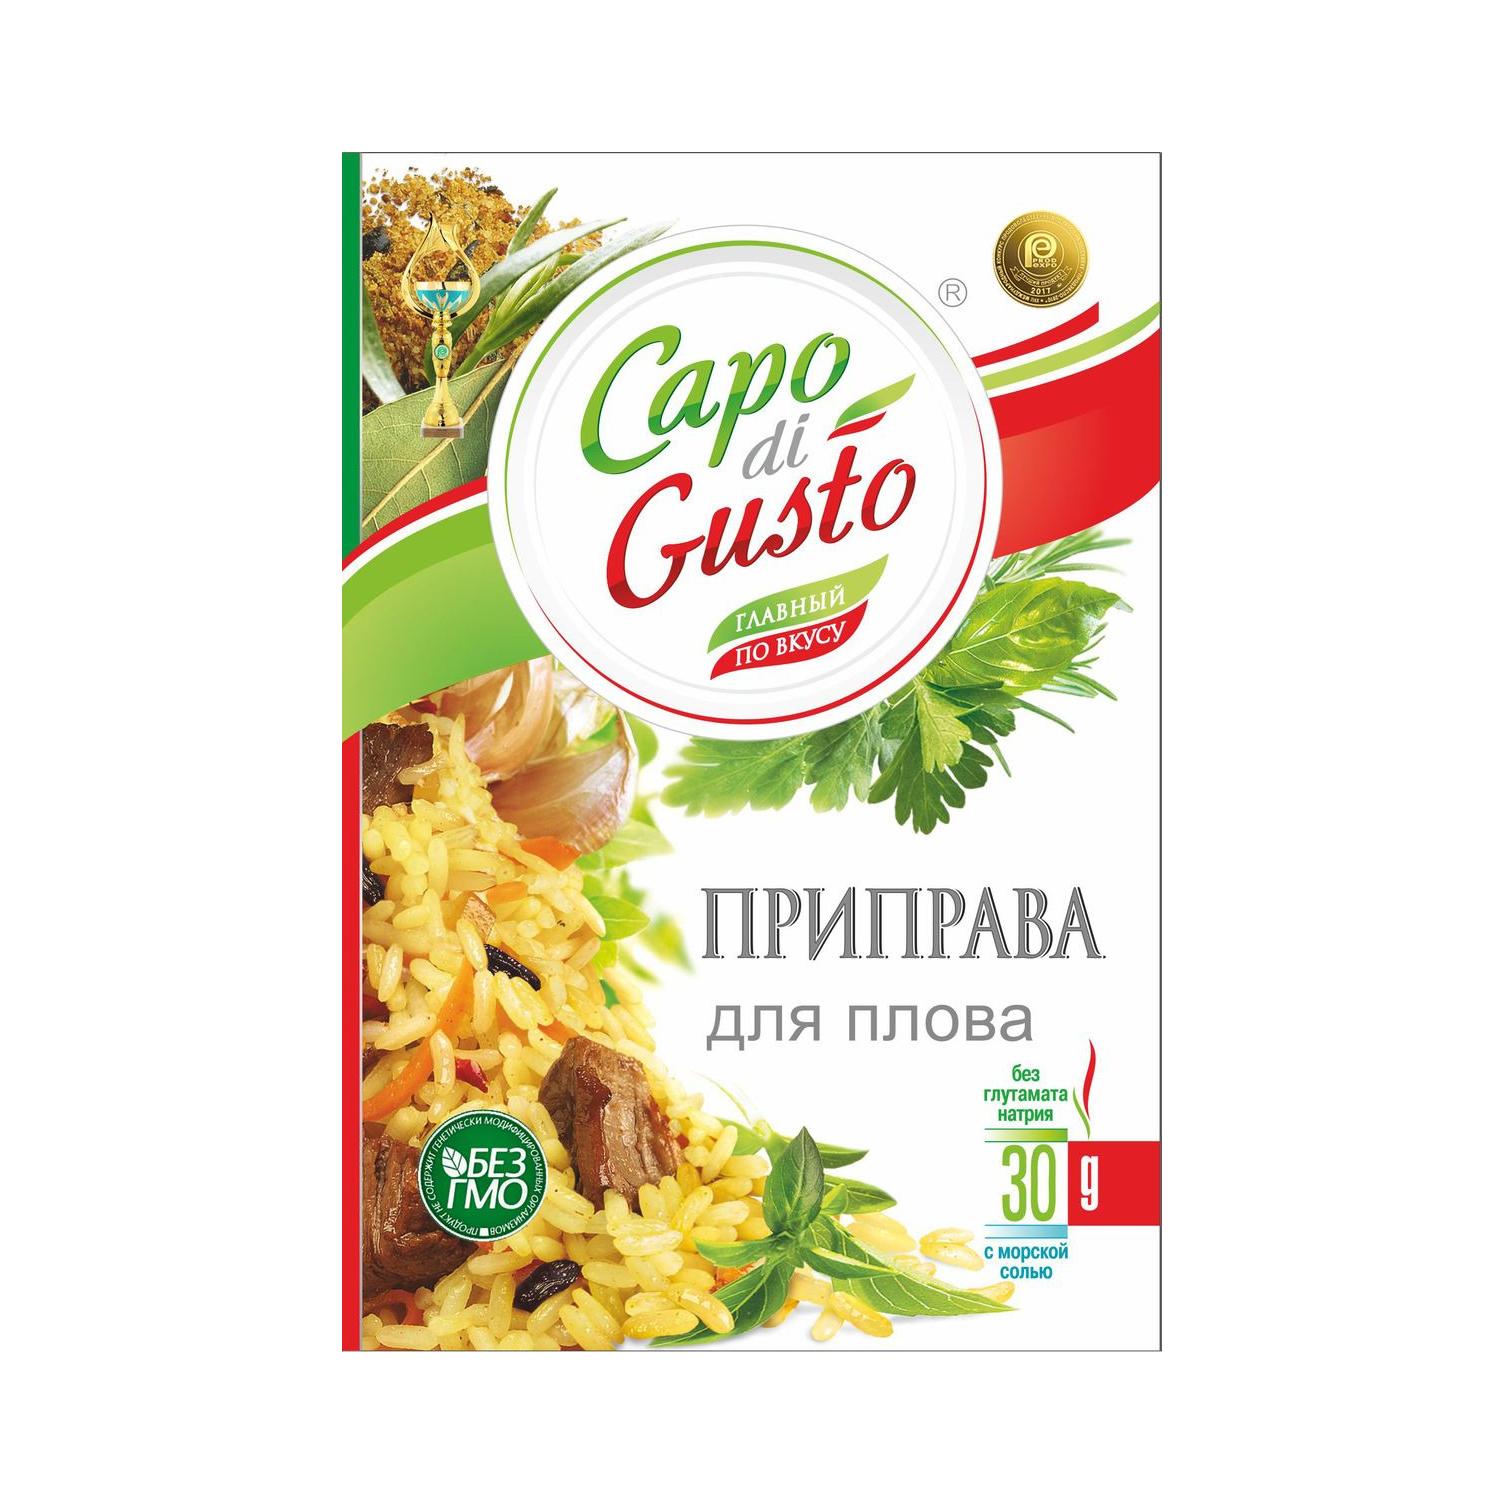 Приправа Capo di Gusto для плова 30 г